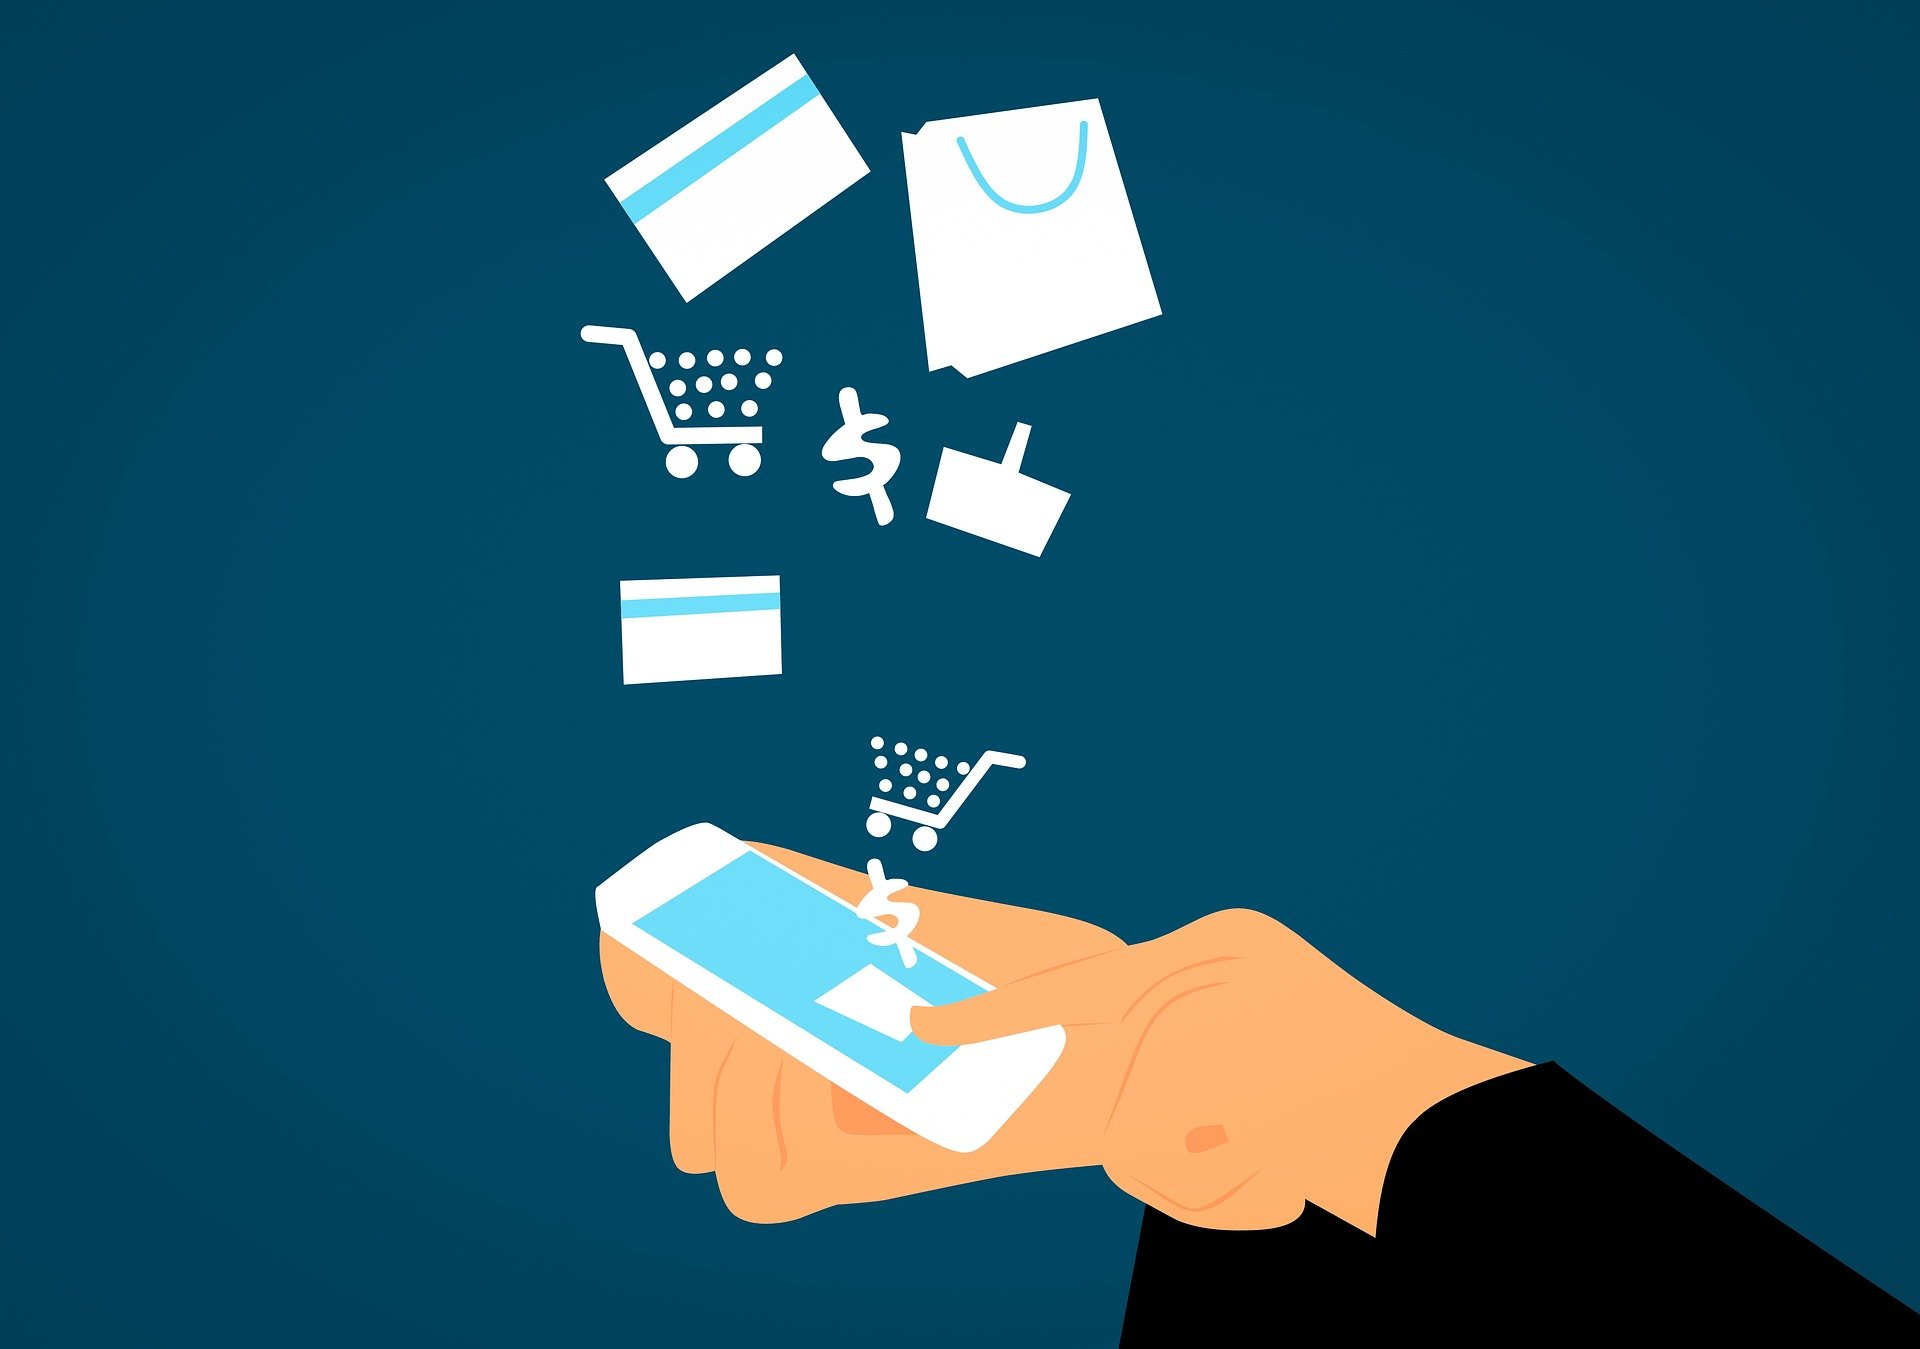 決済後払い導入は顧客へのメリットだけではない!?その理由とサービスの選び方